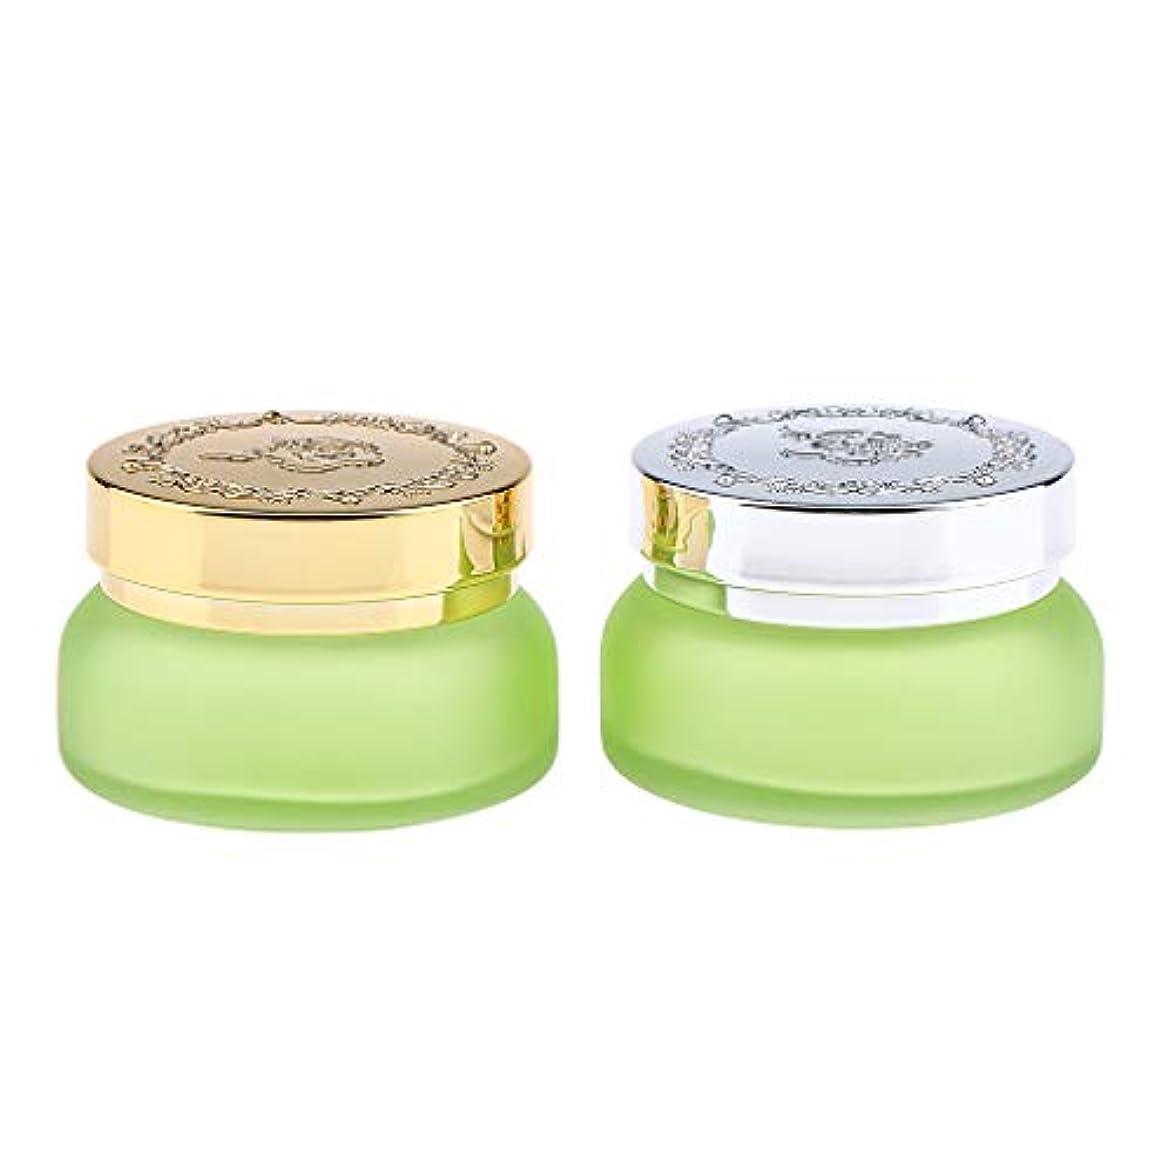 病弱拡声器リズムPerfeclan 2個 ガラス製 空き缶 フェイスクリーム ボトル 化粧品容器 小分け容器 詰め替え 全2サイズ - 容量30g